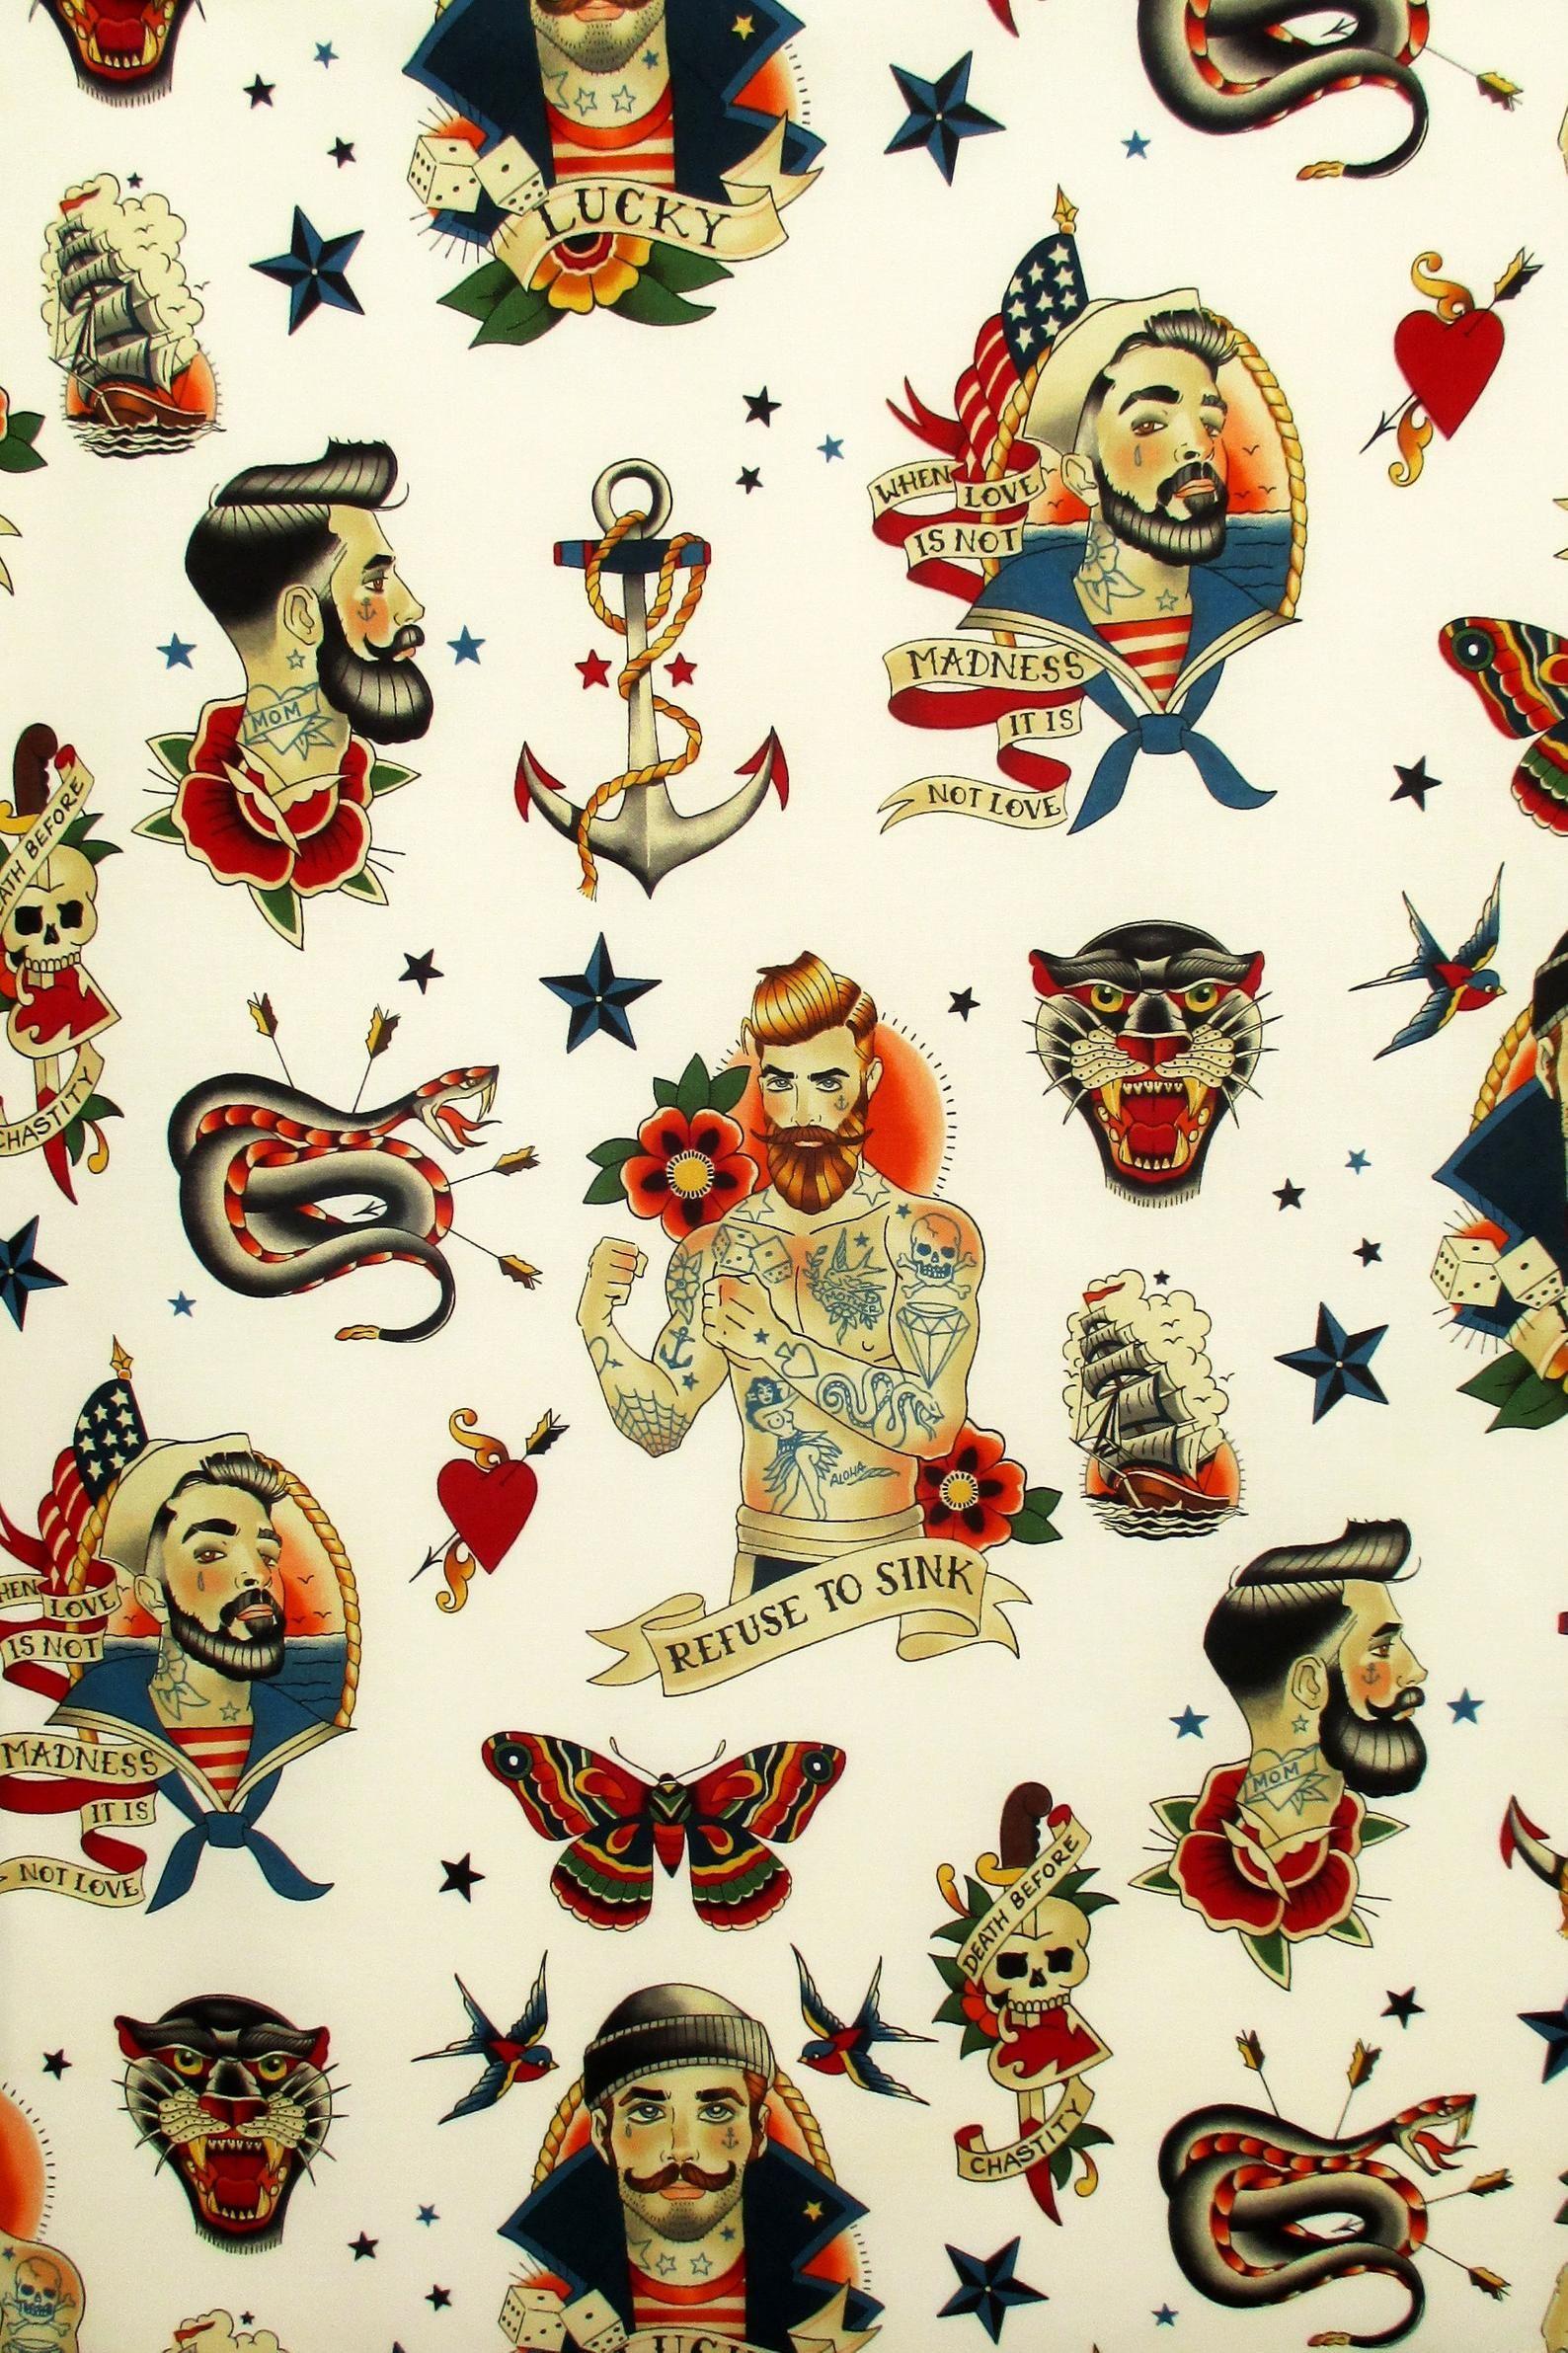 Fabric Anchors Away In Tea Nautical Sailor Tattoos Sailor Tattoos Sailor Tattoo Nautical Tattoo